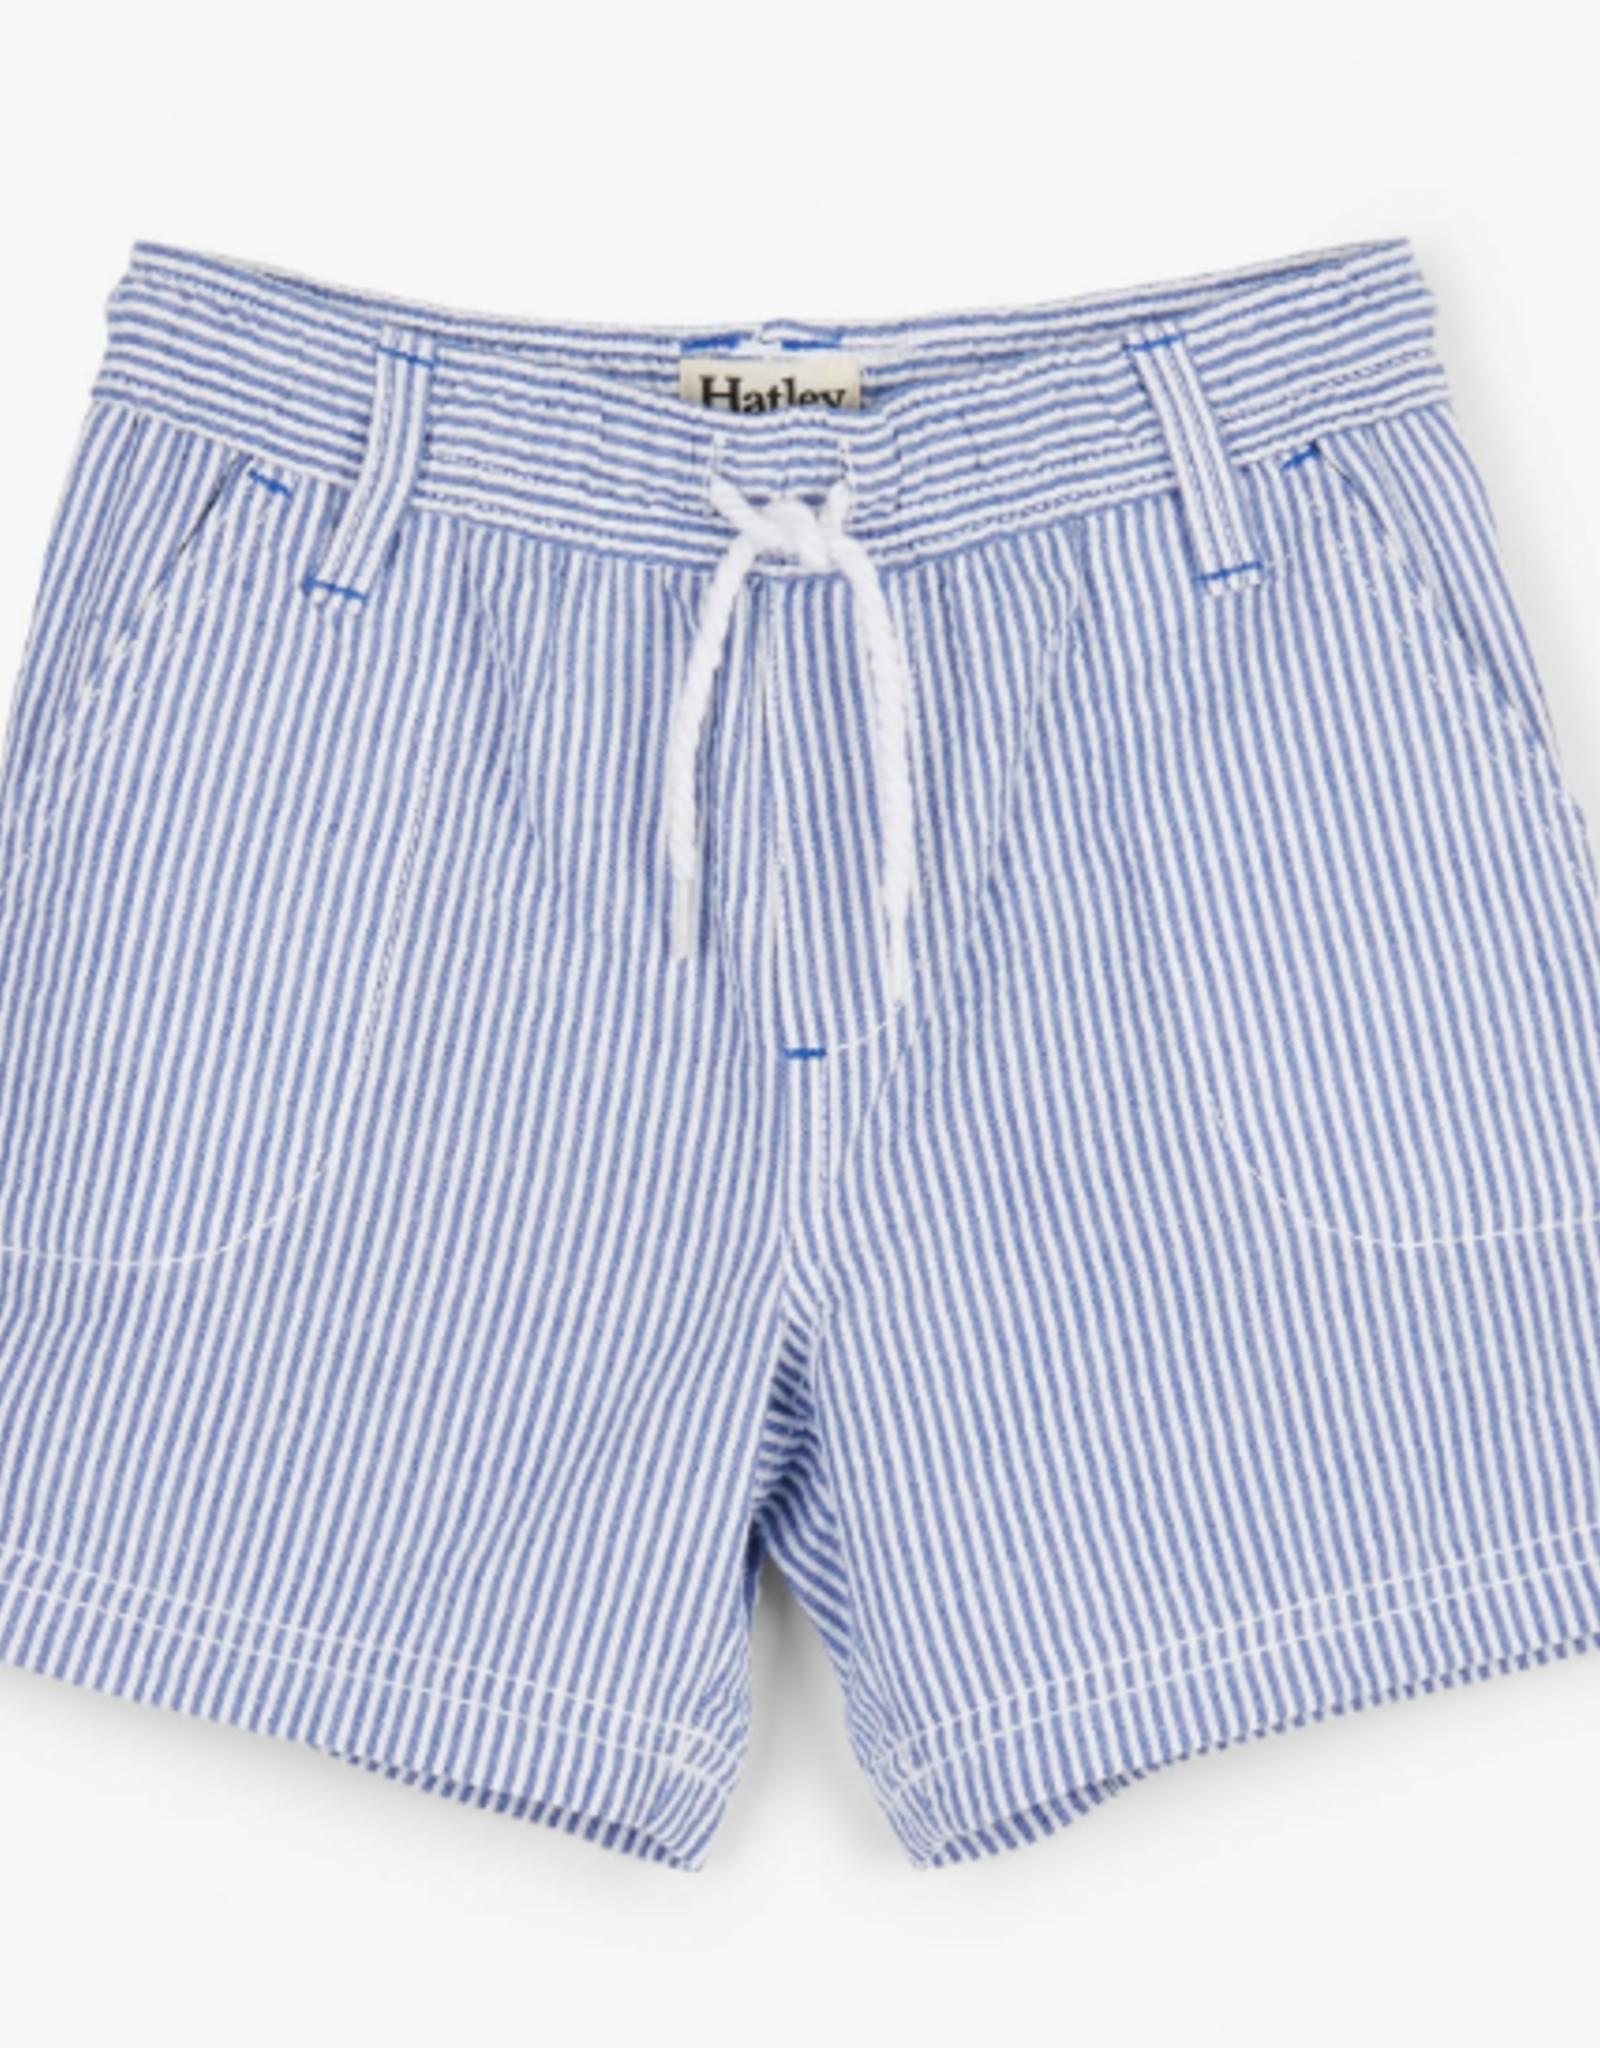 Hatley Woven Shorts